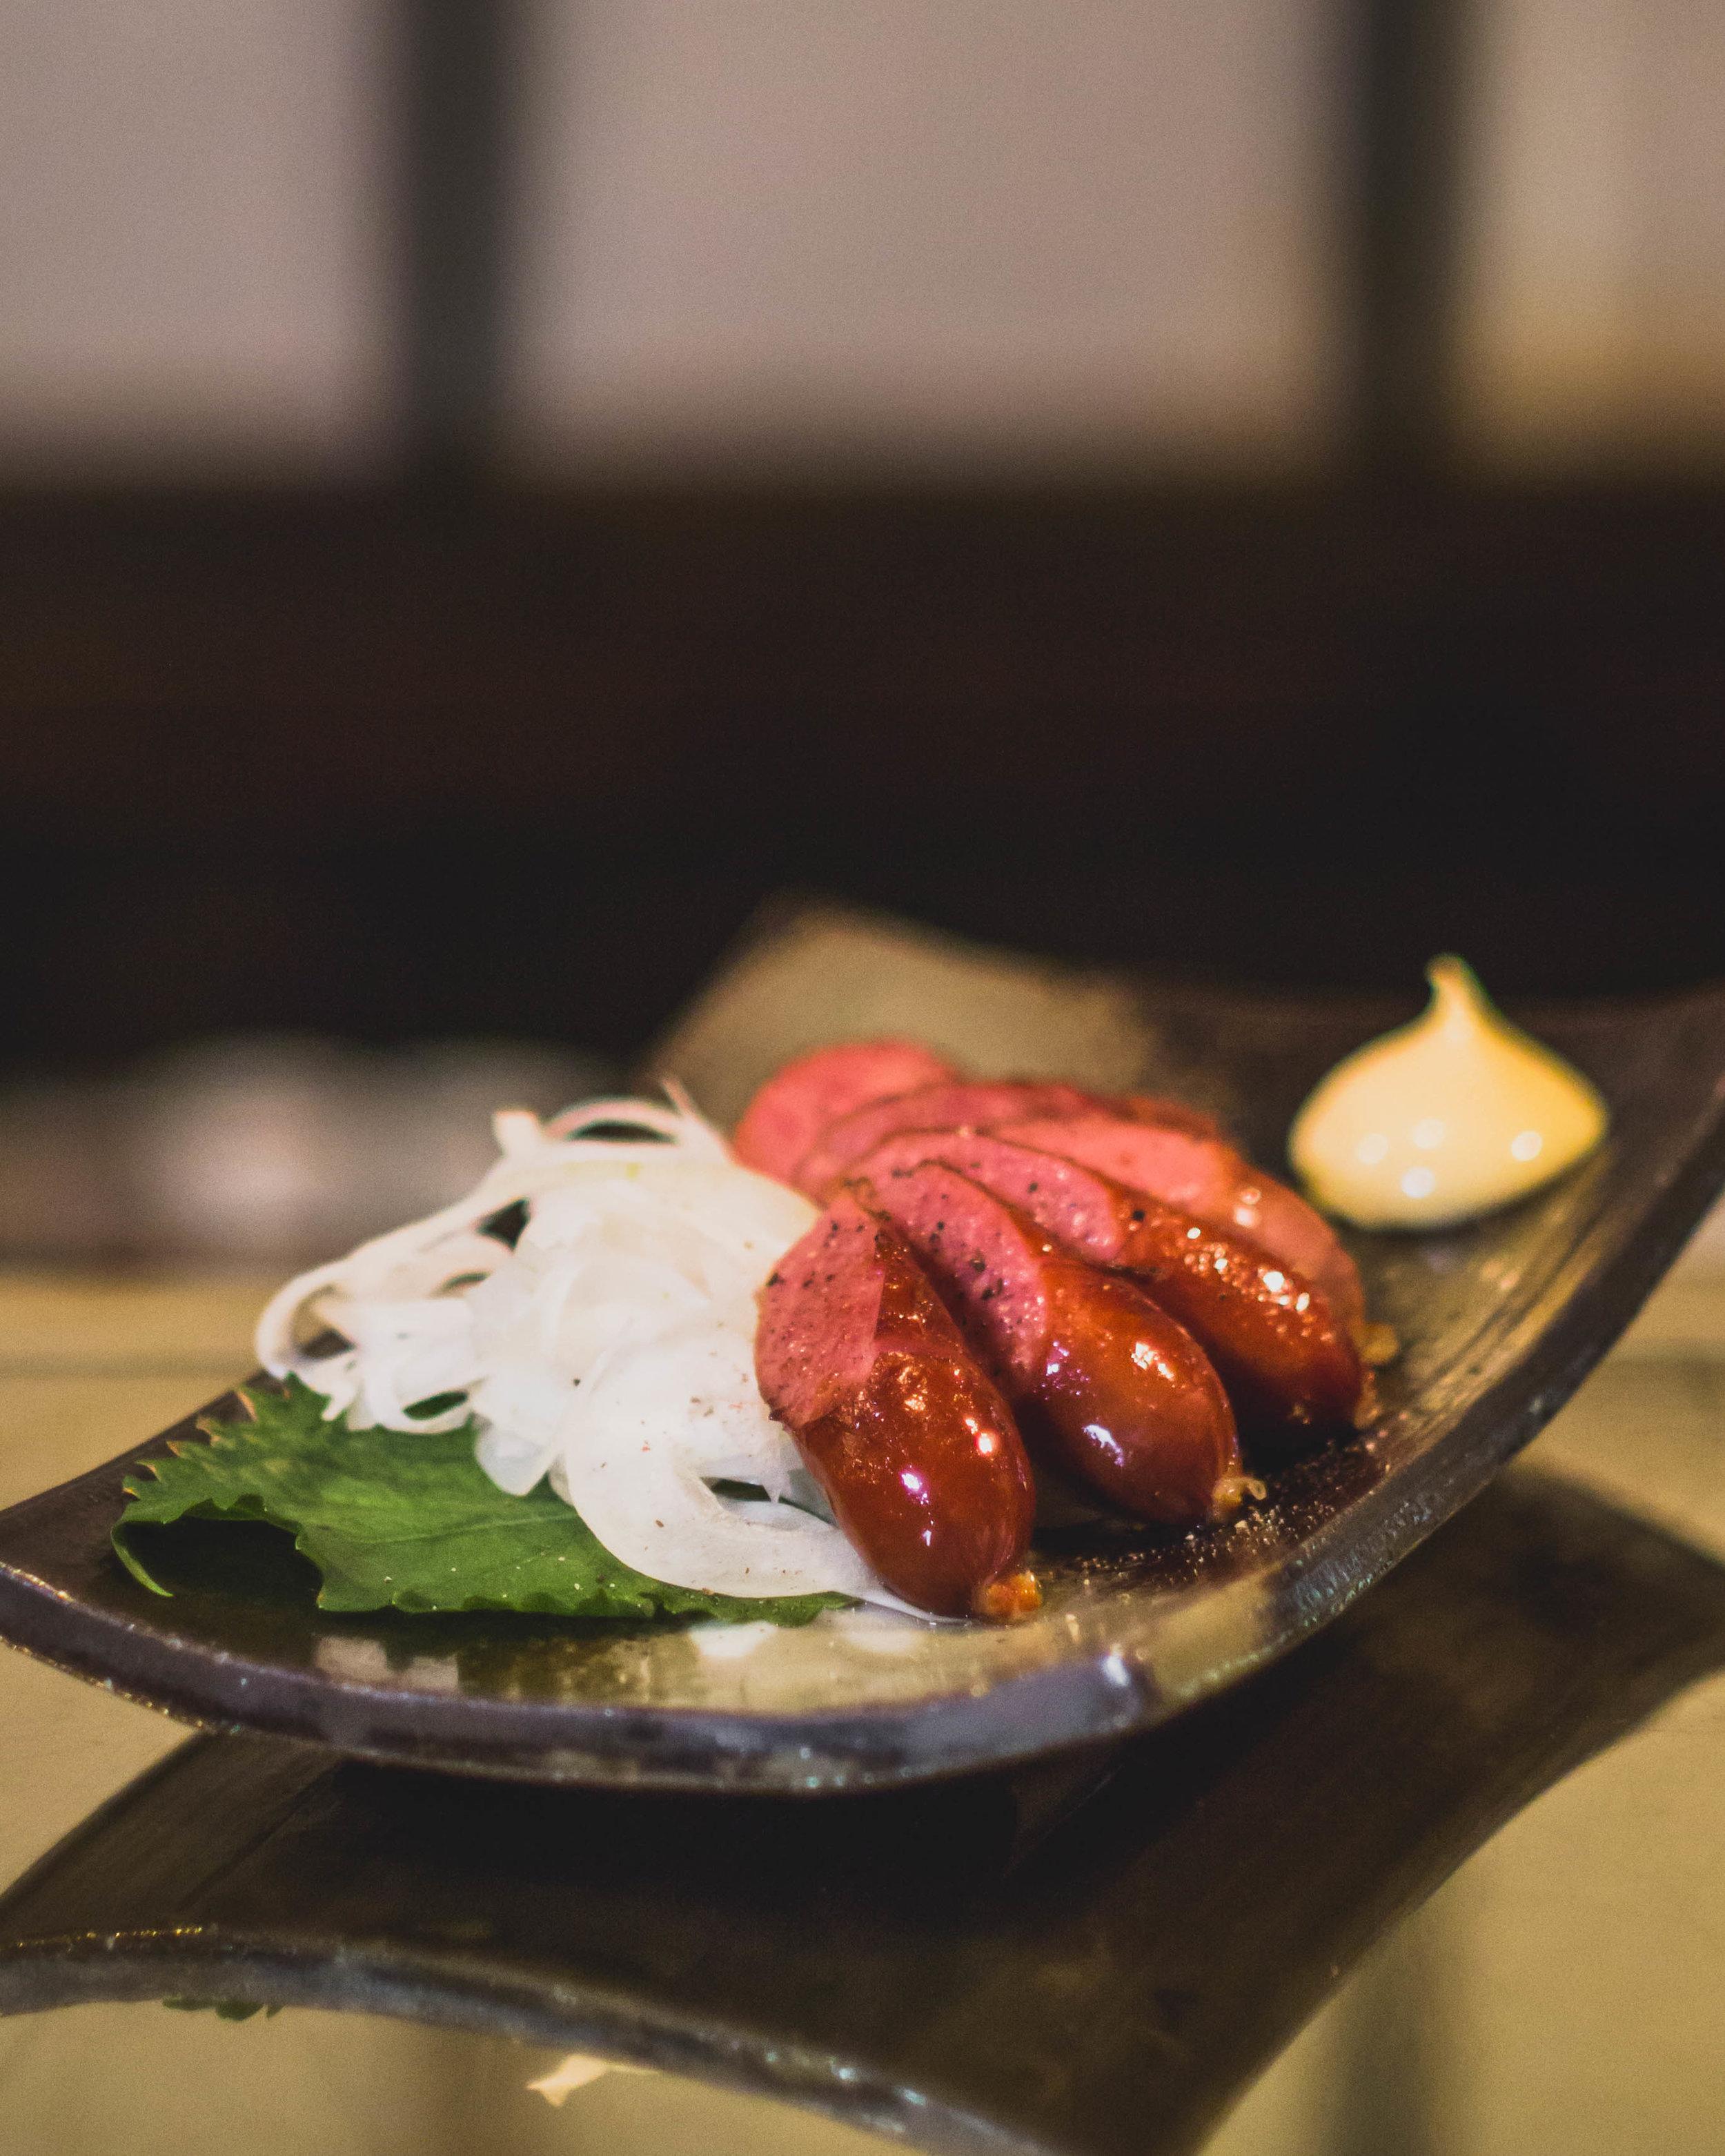 BERKSHIRE PORK SAUSAGE - Pan-fried sausages w/ Yuzu pepper mayo